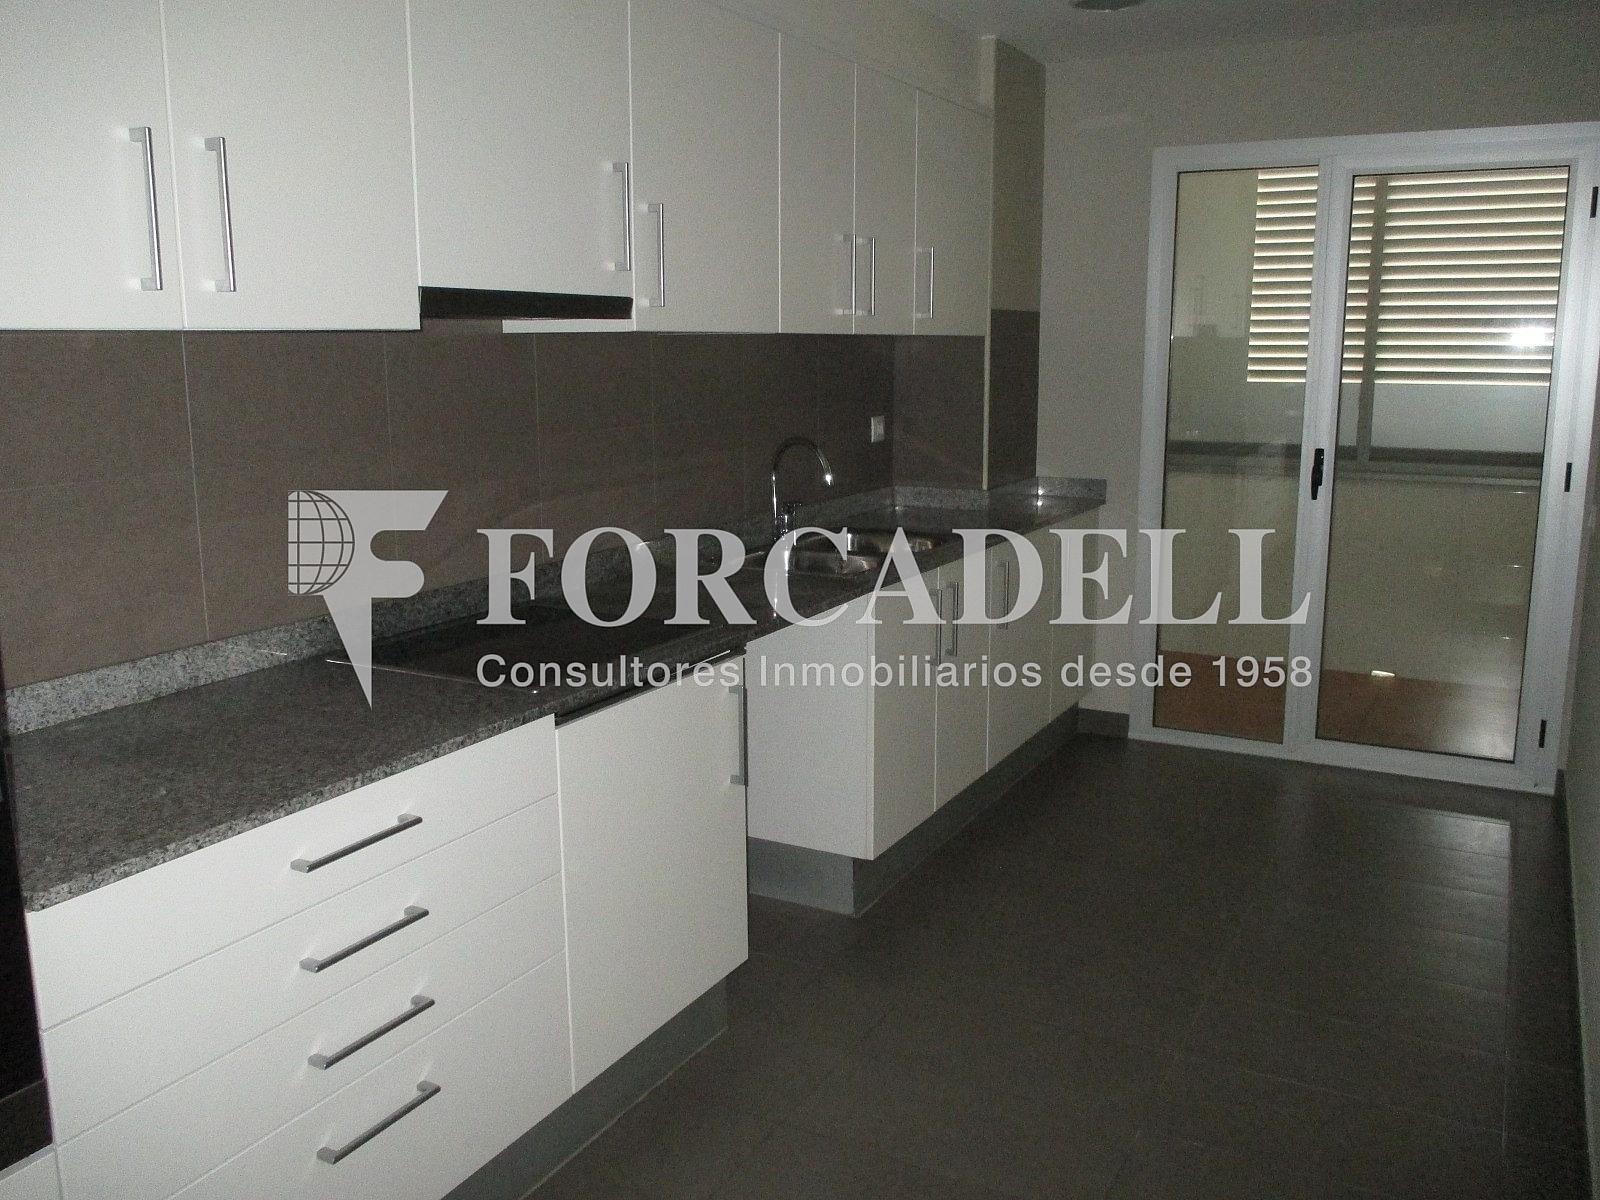 IMG_2669 - Piso en alquiler en calle Merce Rodoreda, Can clota en Esplugues de Llobregat - 331432047